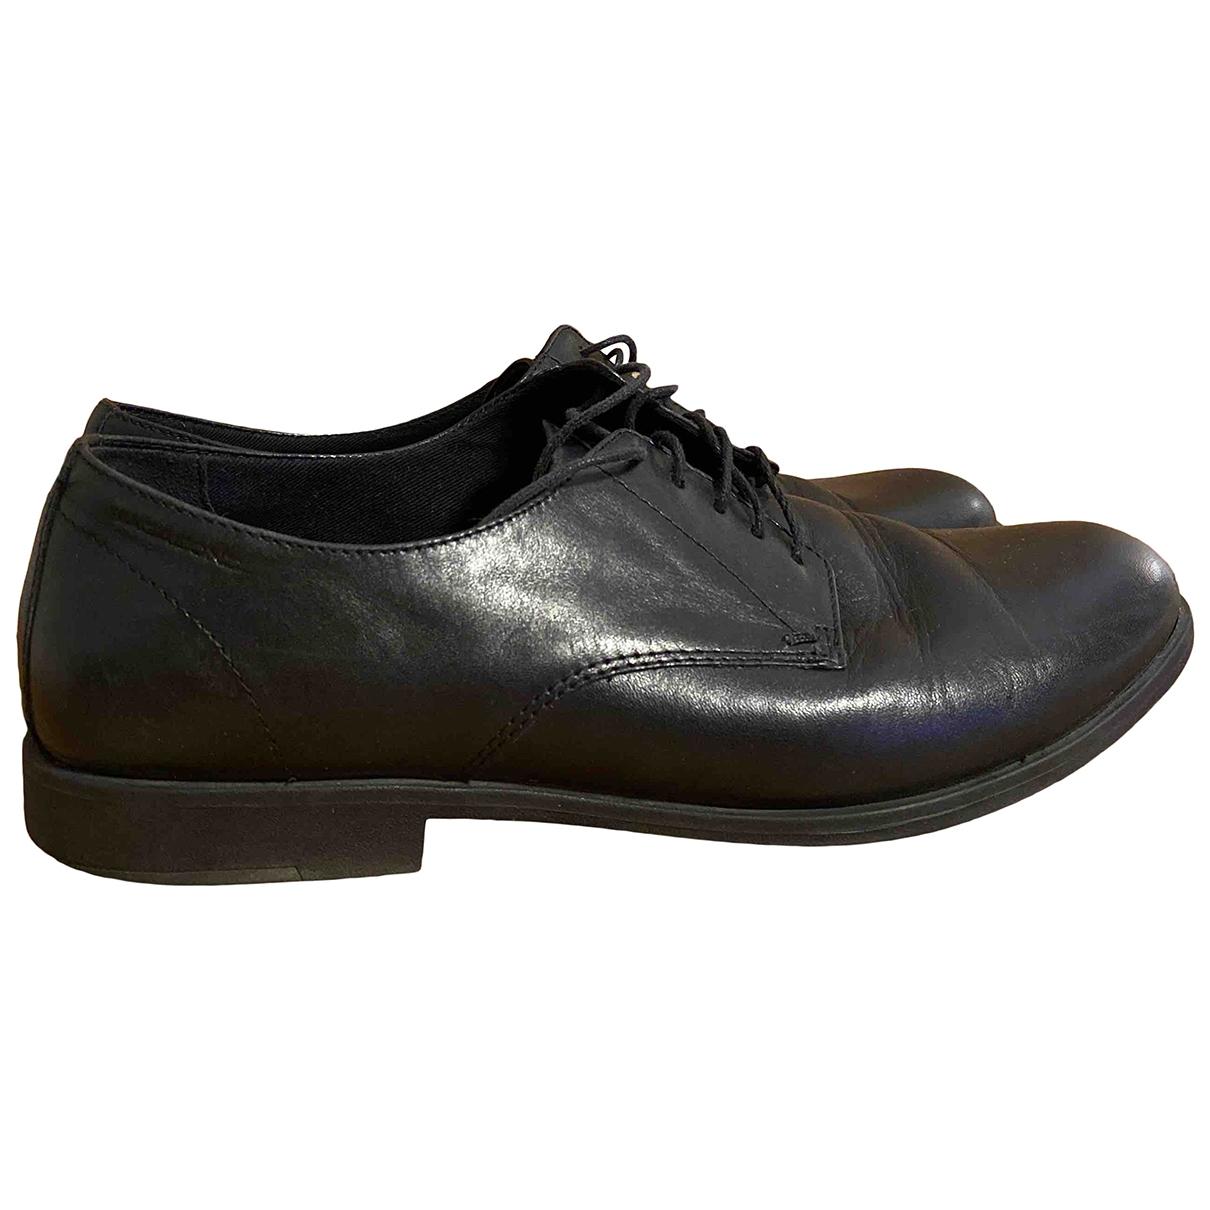 Vagabond \N Black Leather Lace ups for Women 40 EU